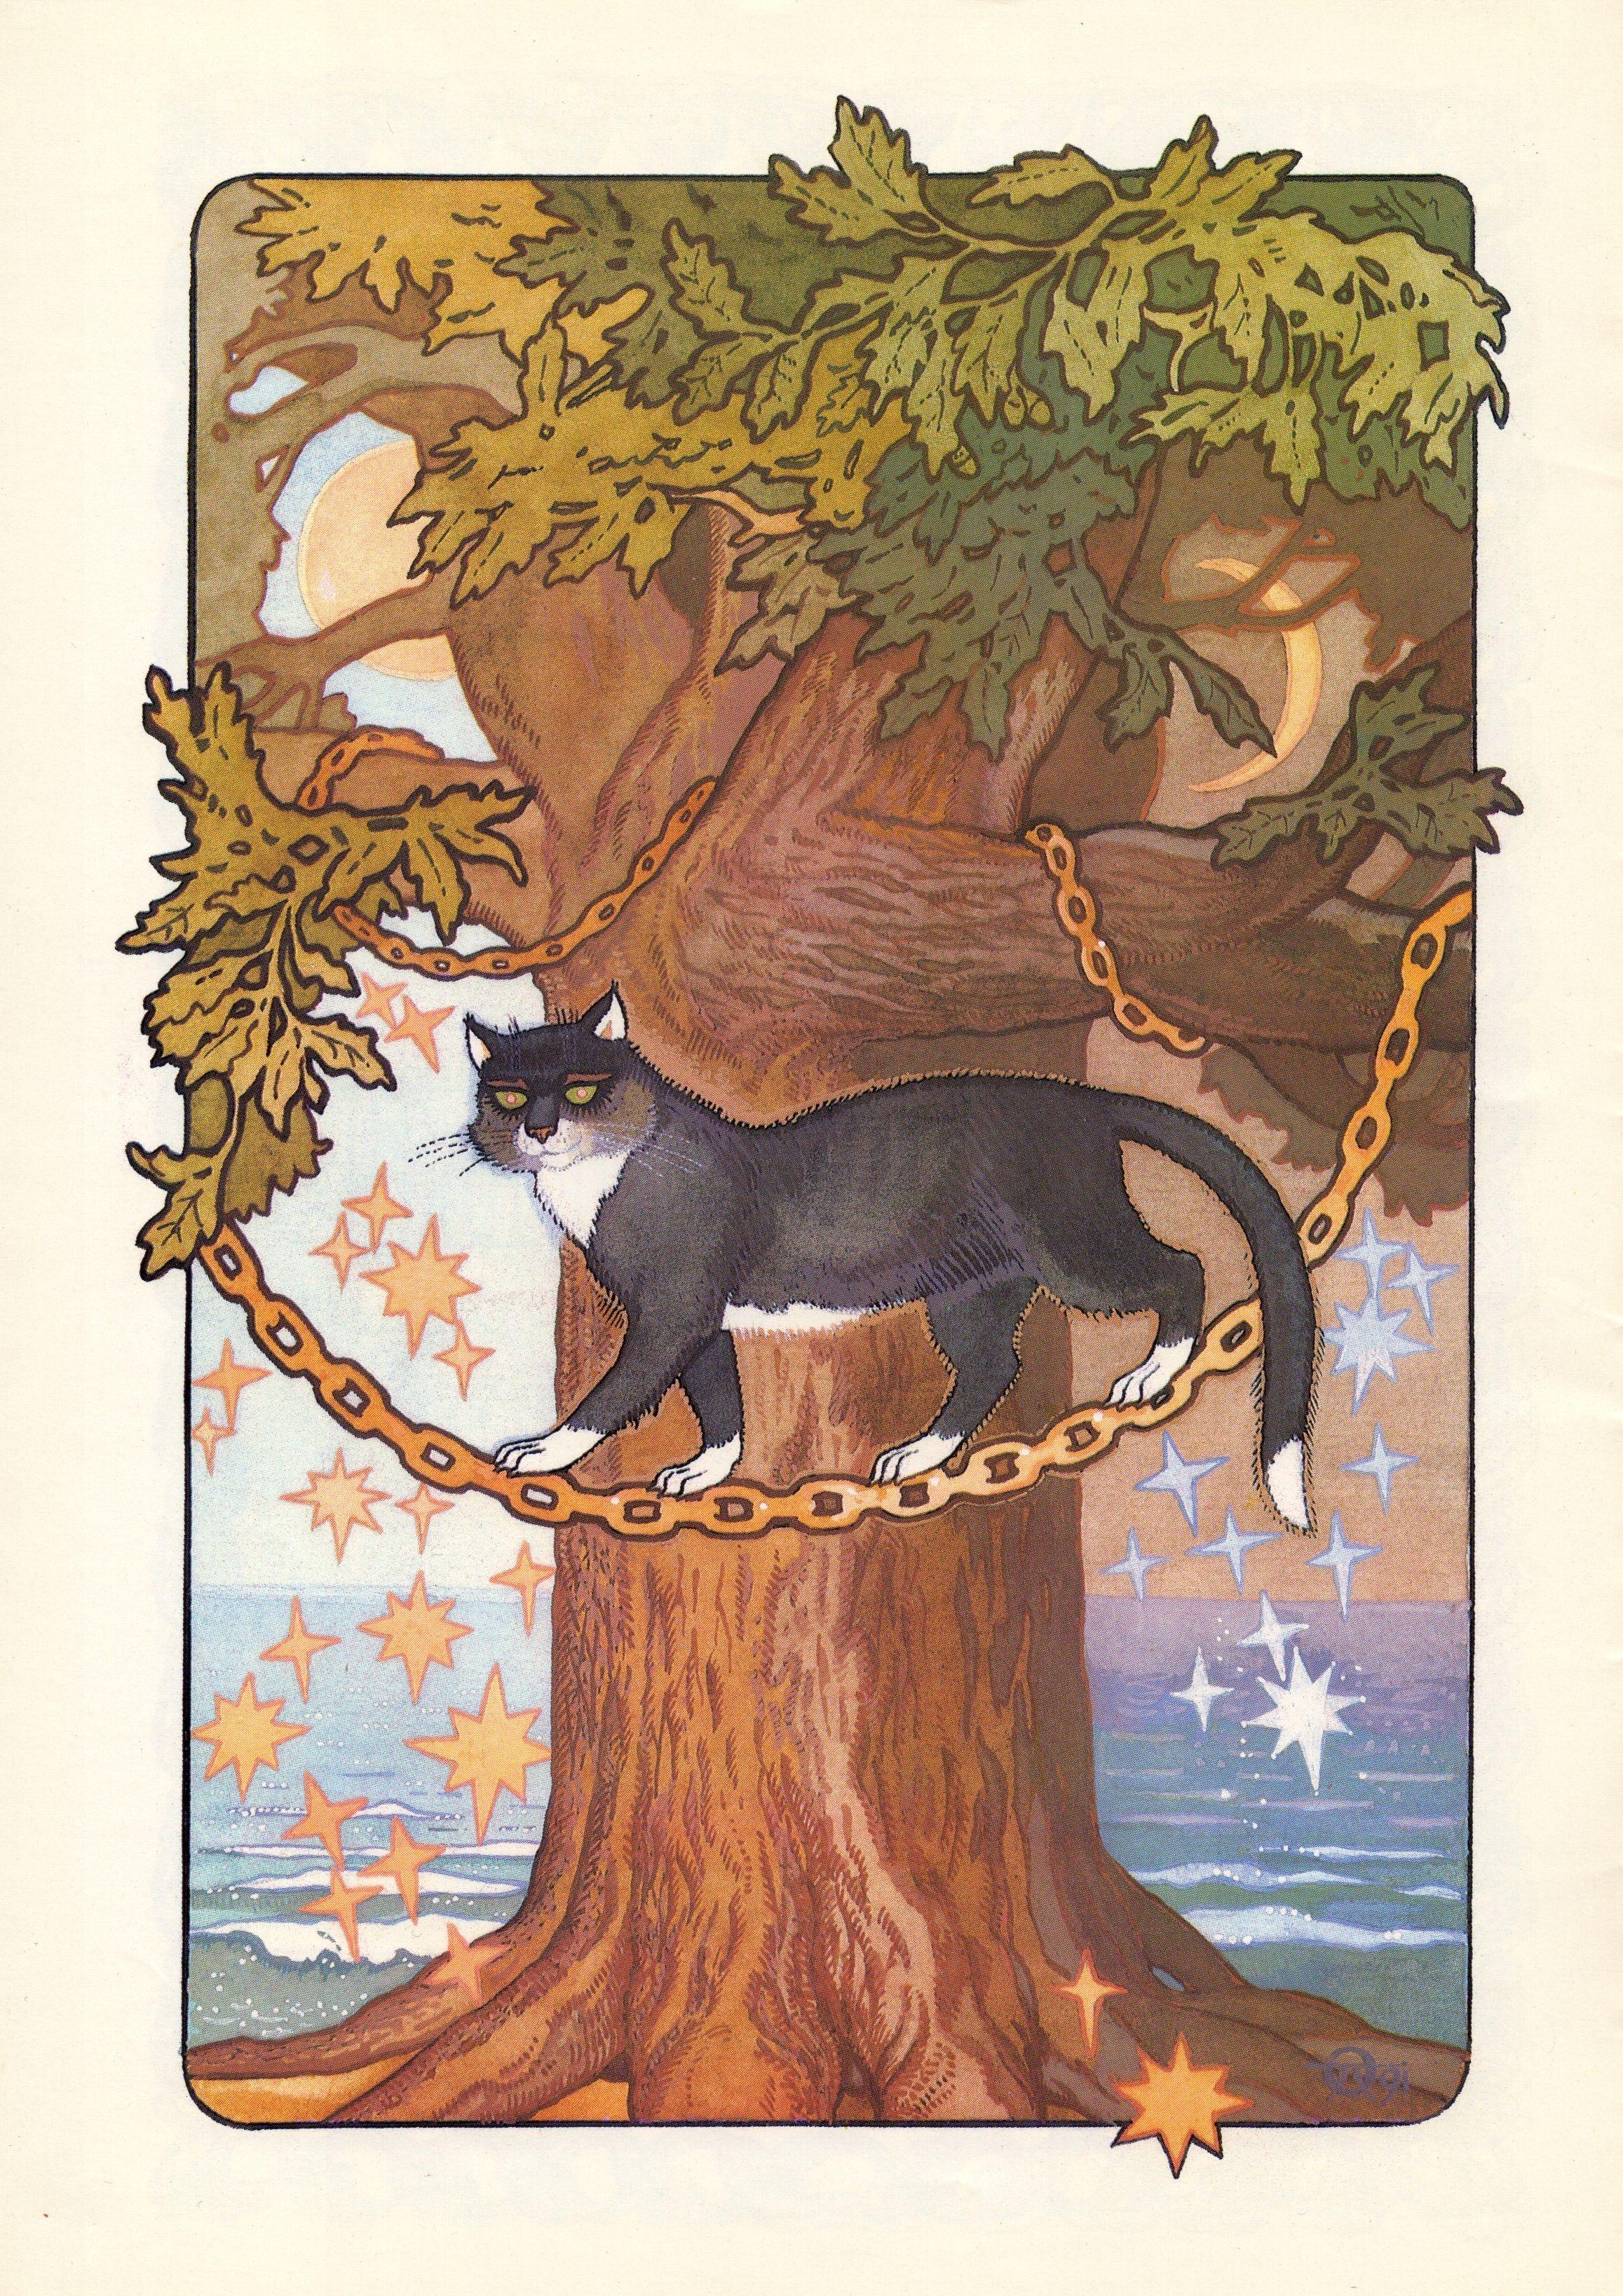 картинка кота ученого из пушкина общем, новогодней дискотеке